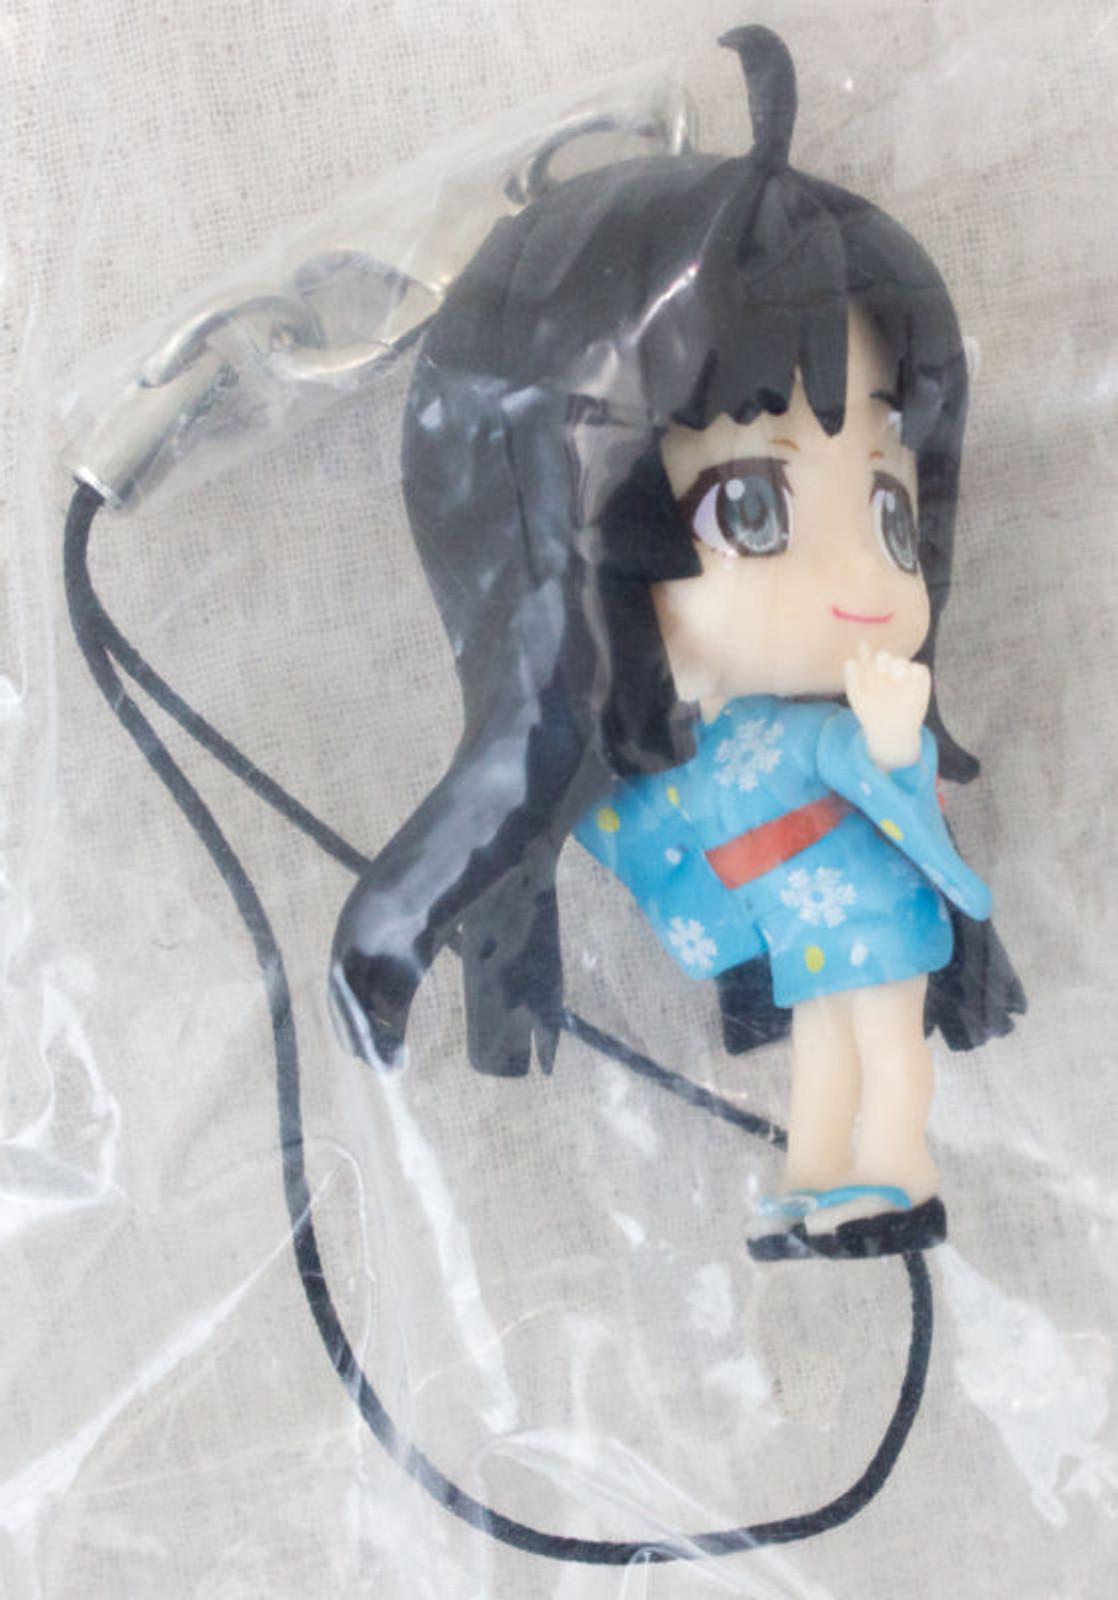 Tsukimonogatari Tsukihi Araragi Figure Strap JAPAN ANIME Monogatari (series)